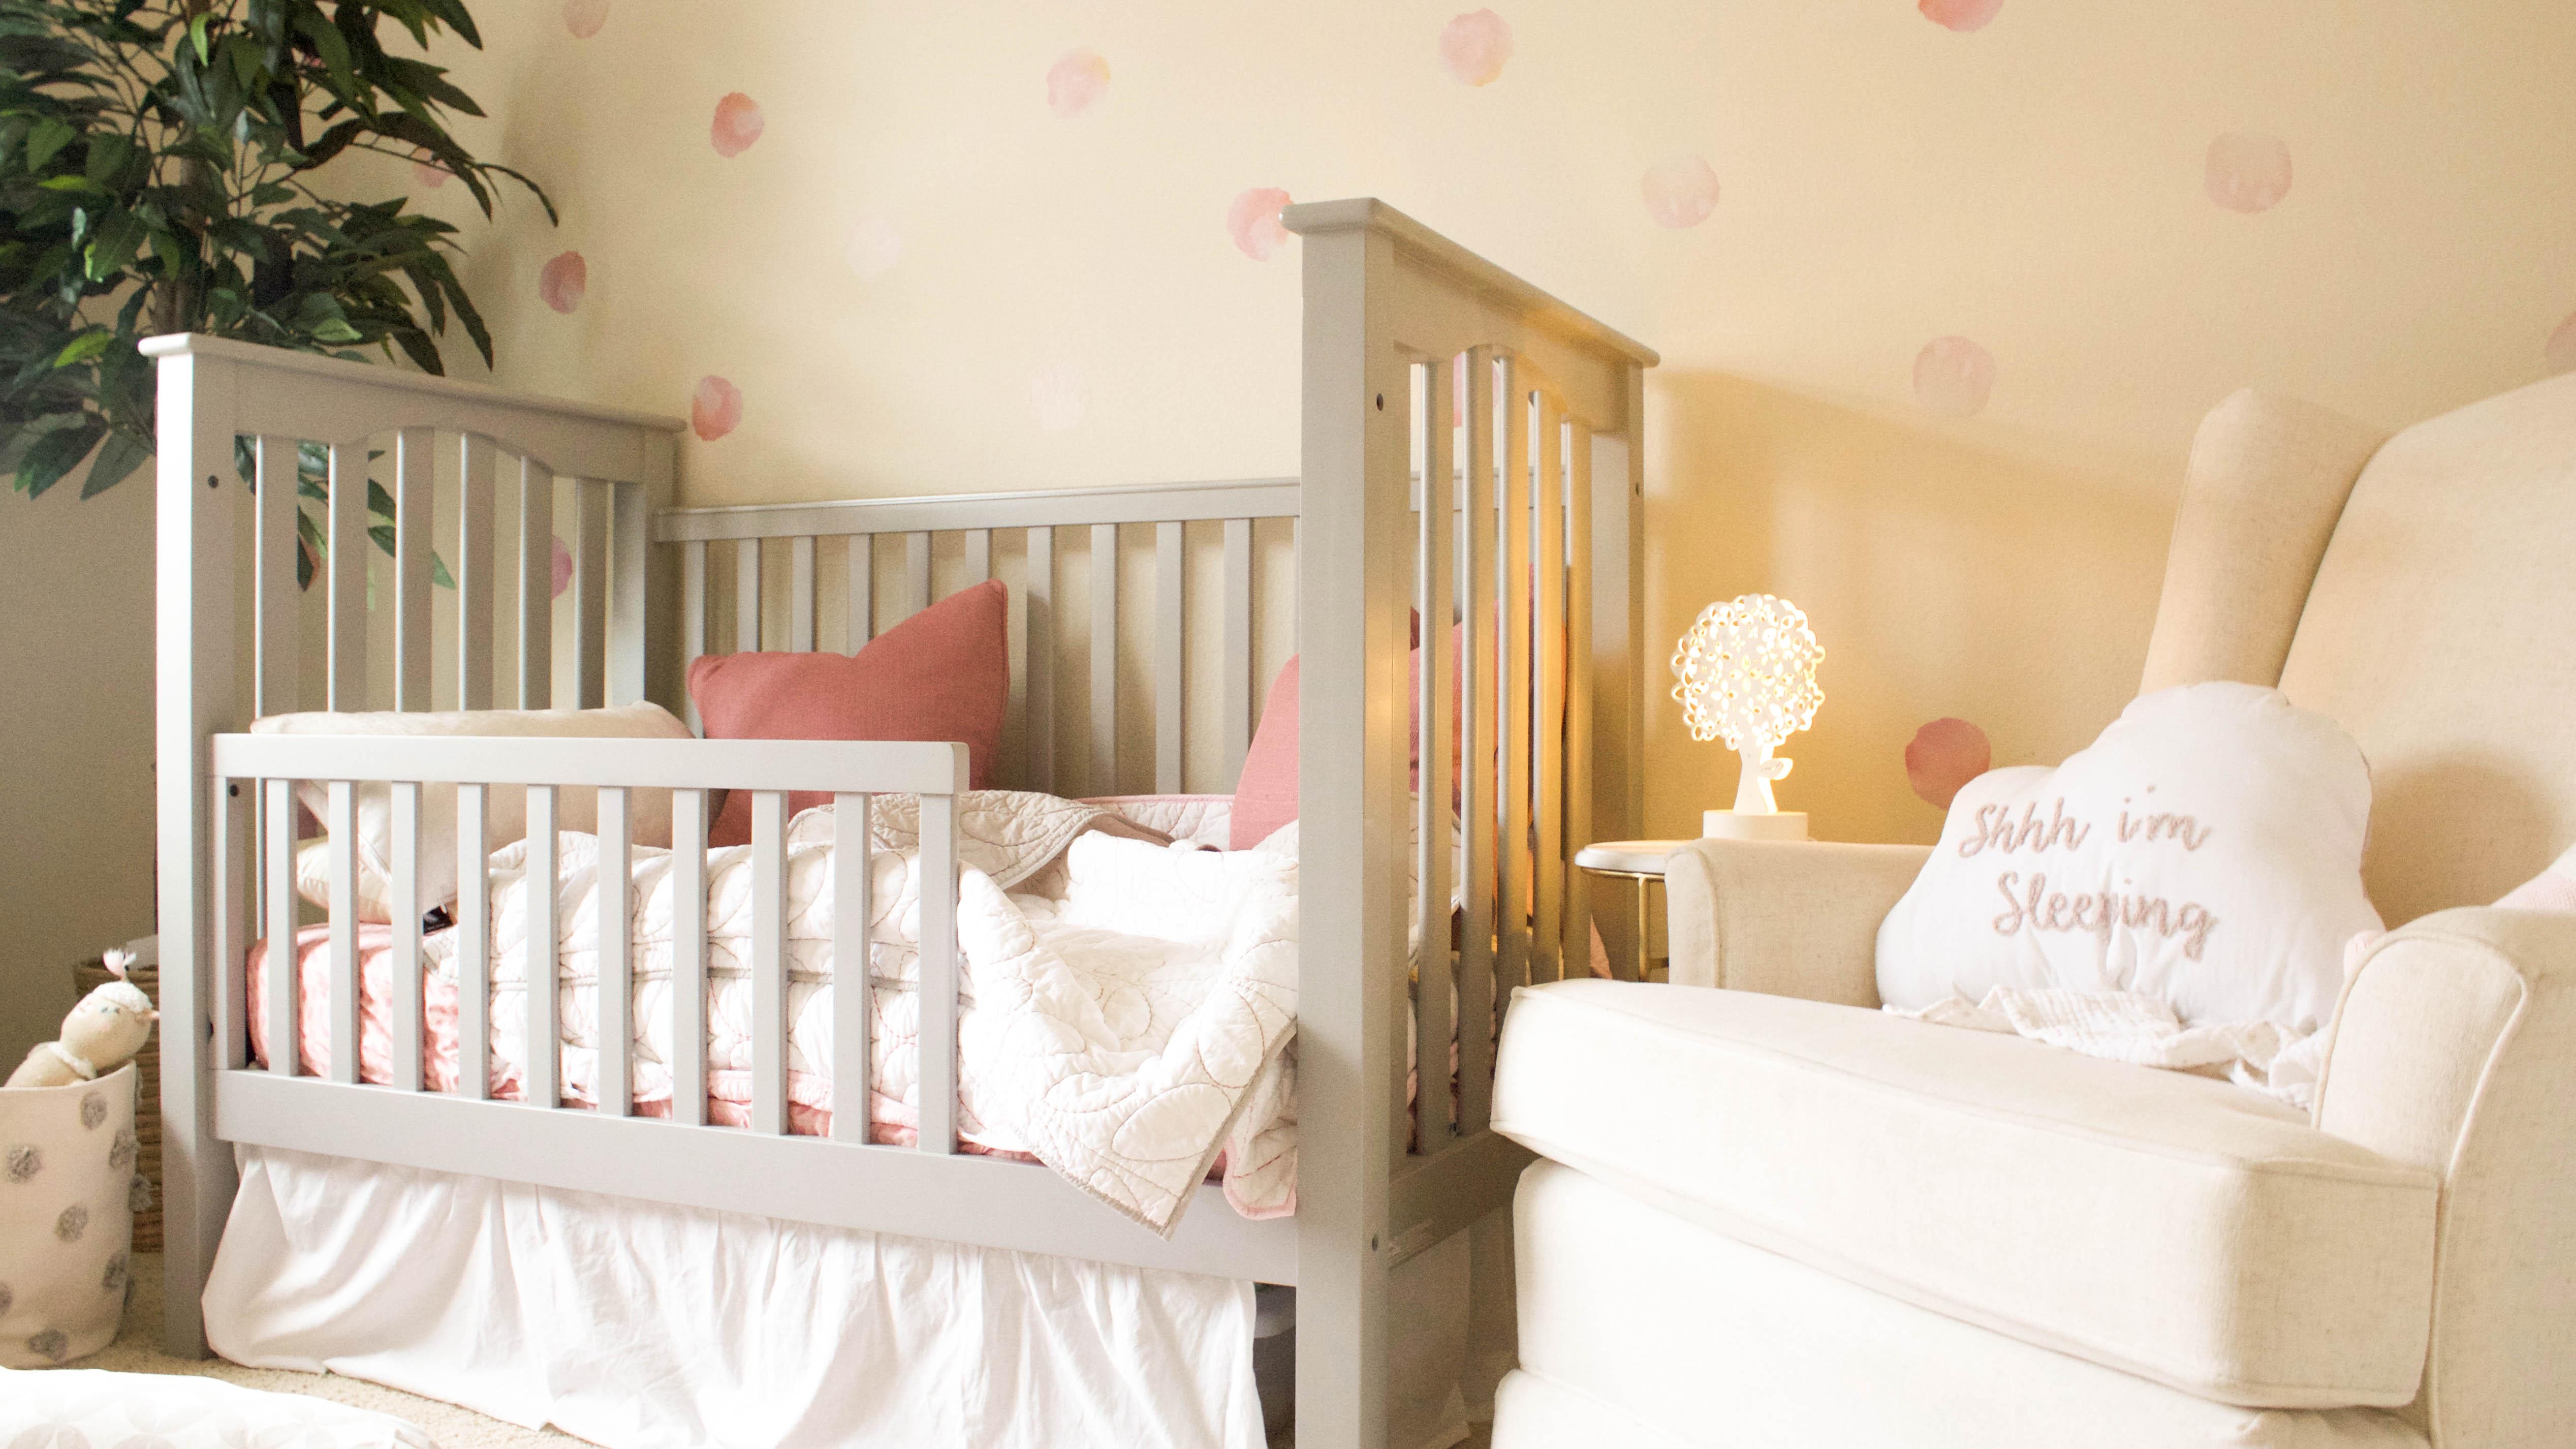 Toddler Bedding, Crib, Nuring Chair